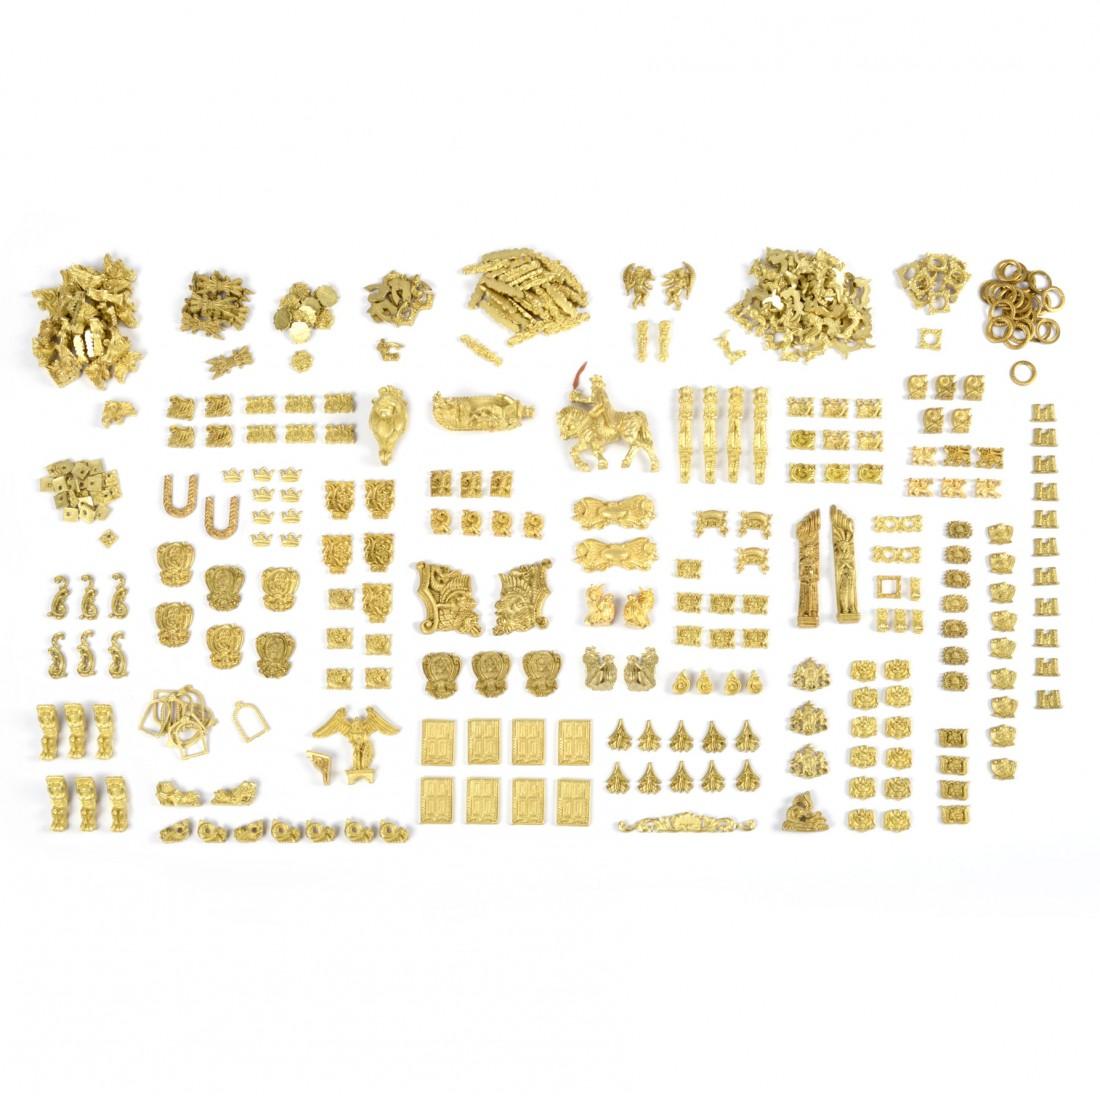 Serie Accessori Sovereign of the Seas